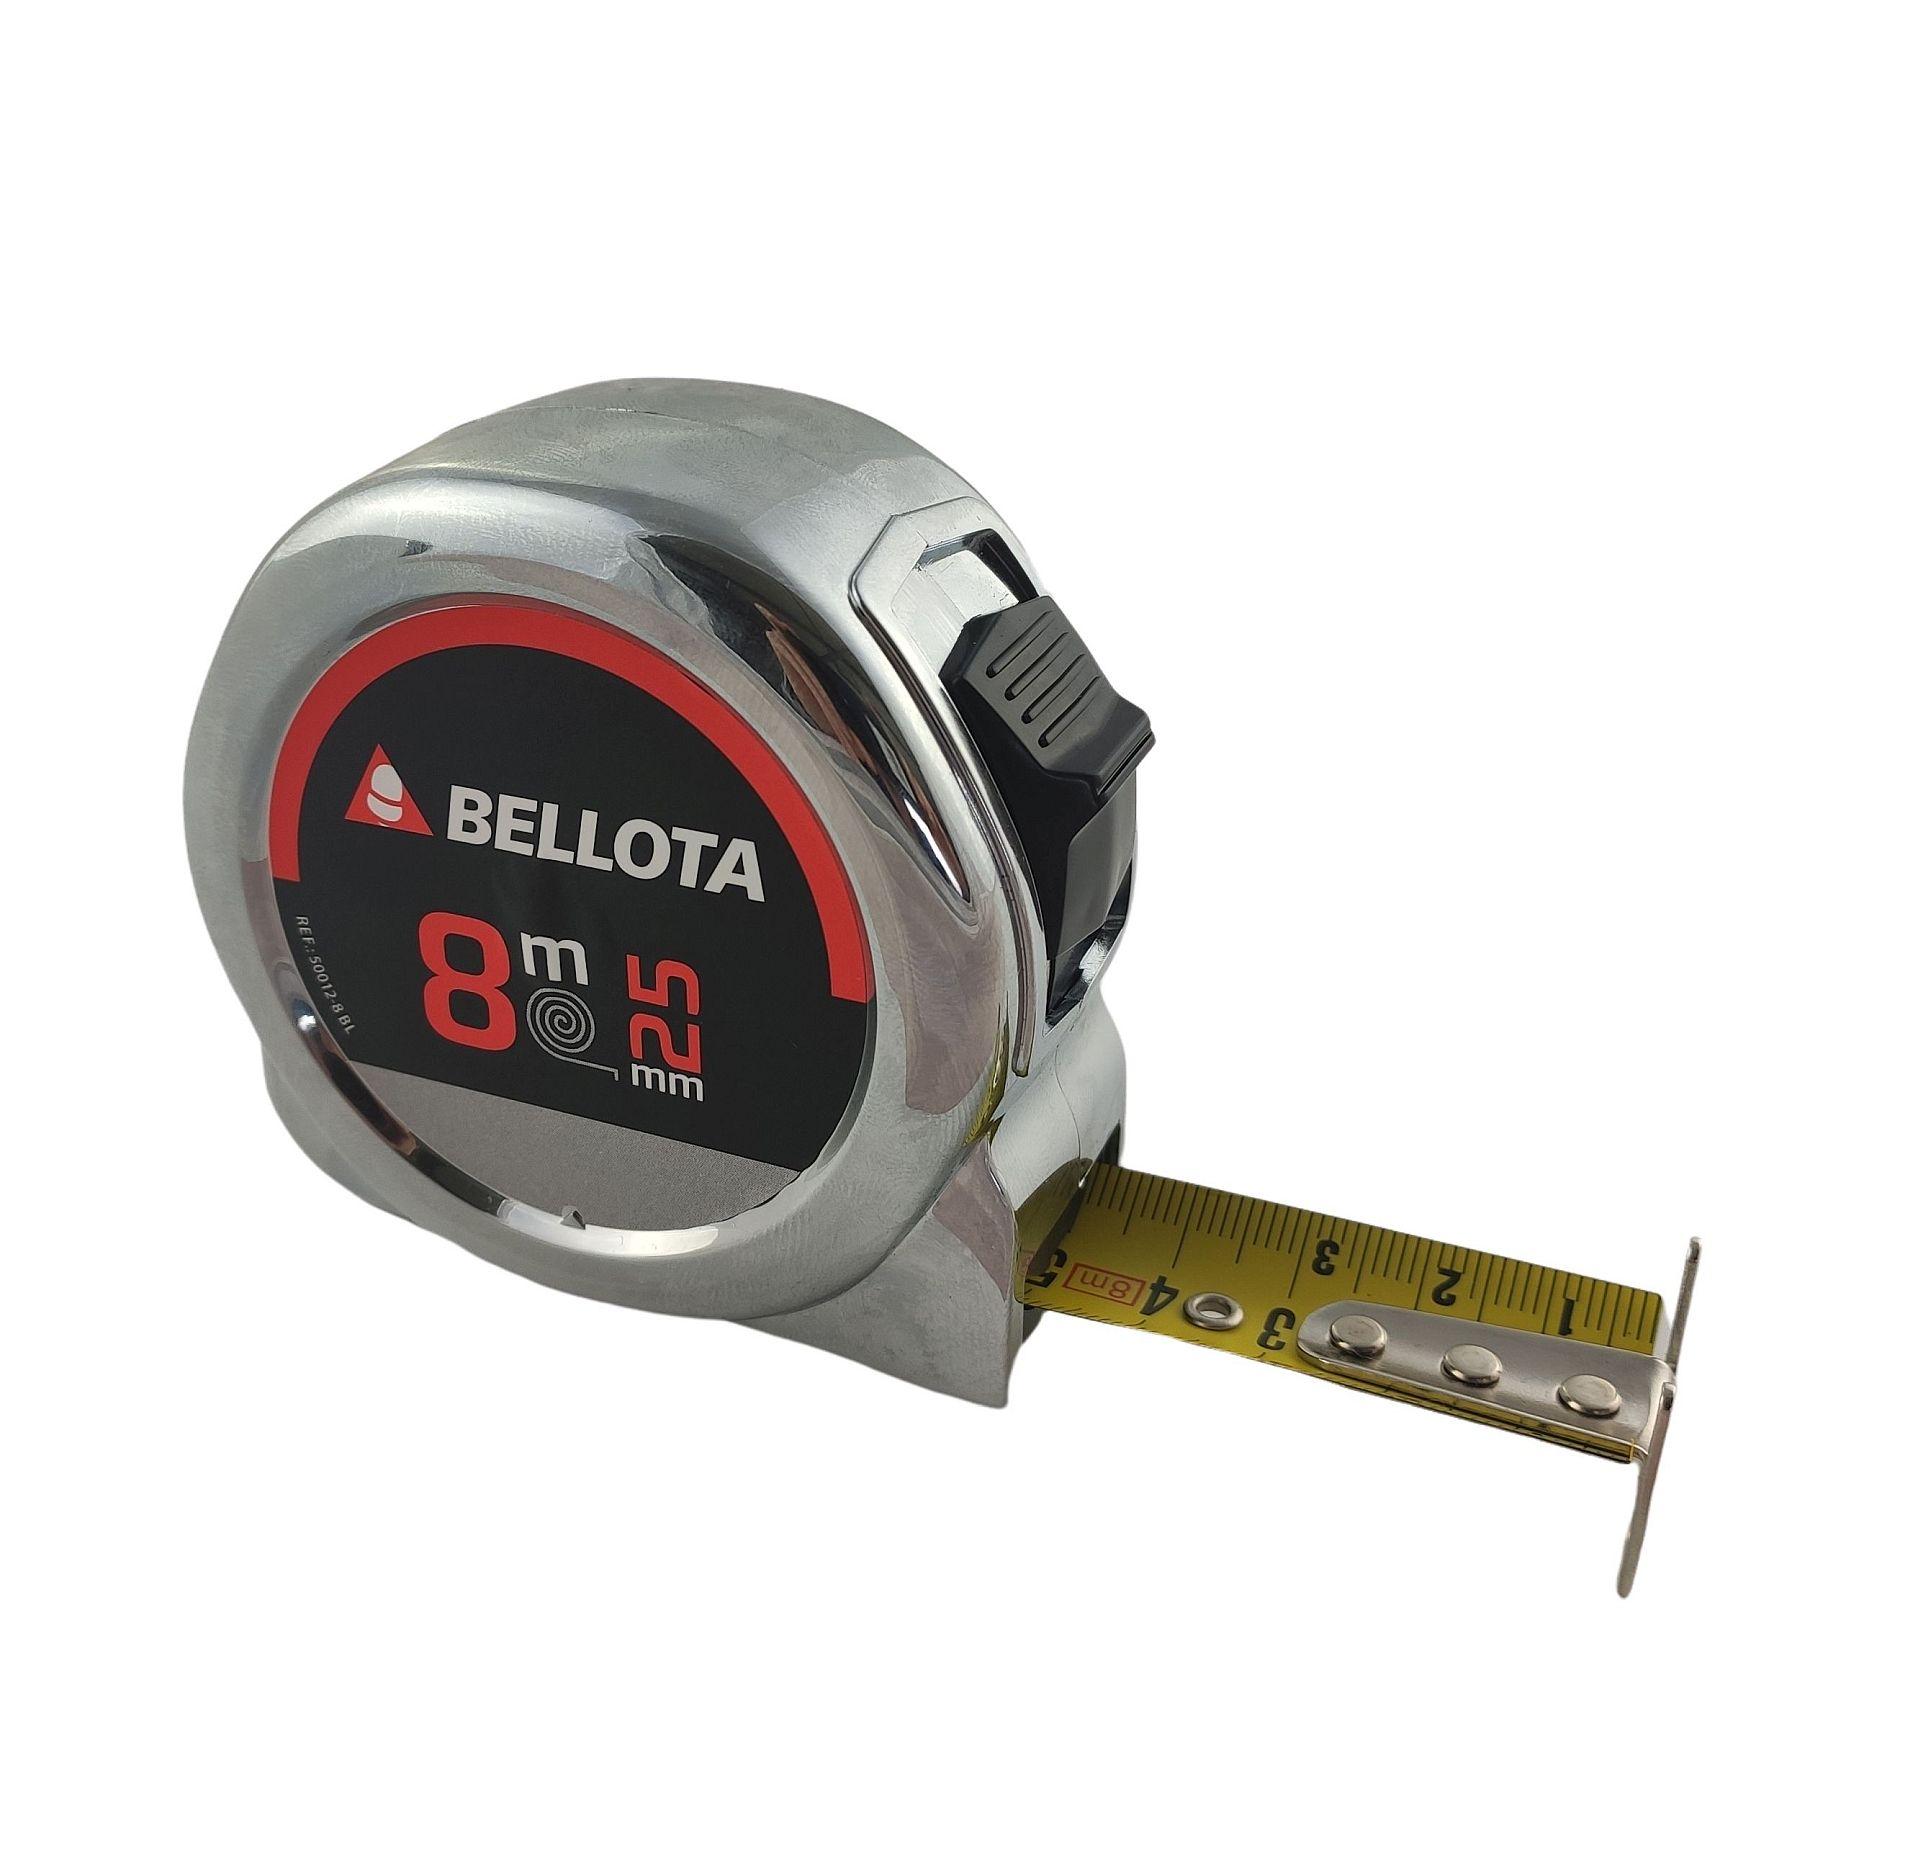 Flexometre 8m 25mm 50012.5 BL  c ok 167k